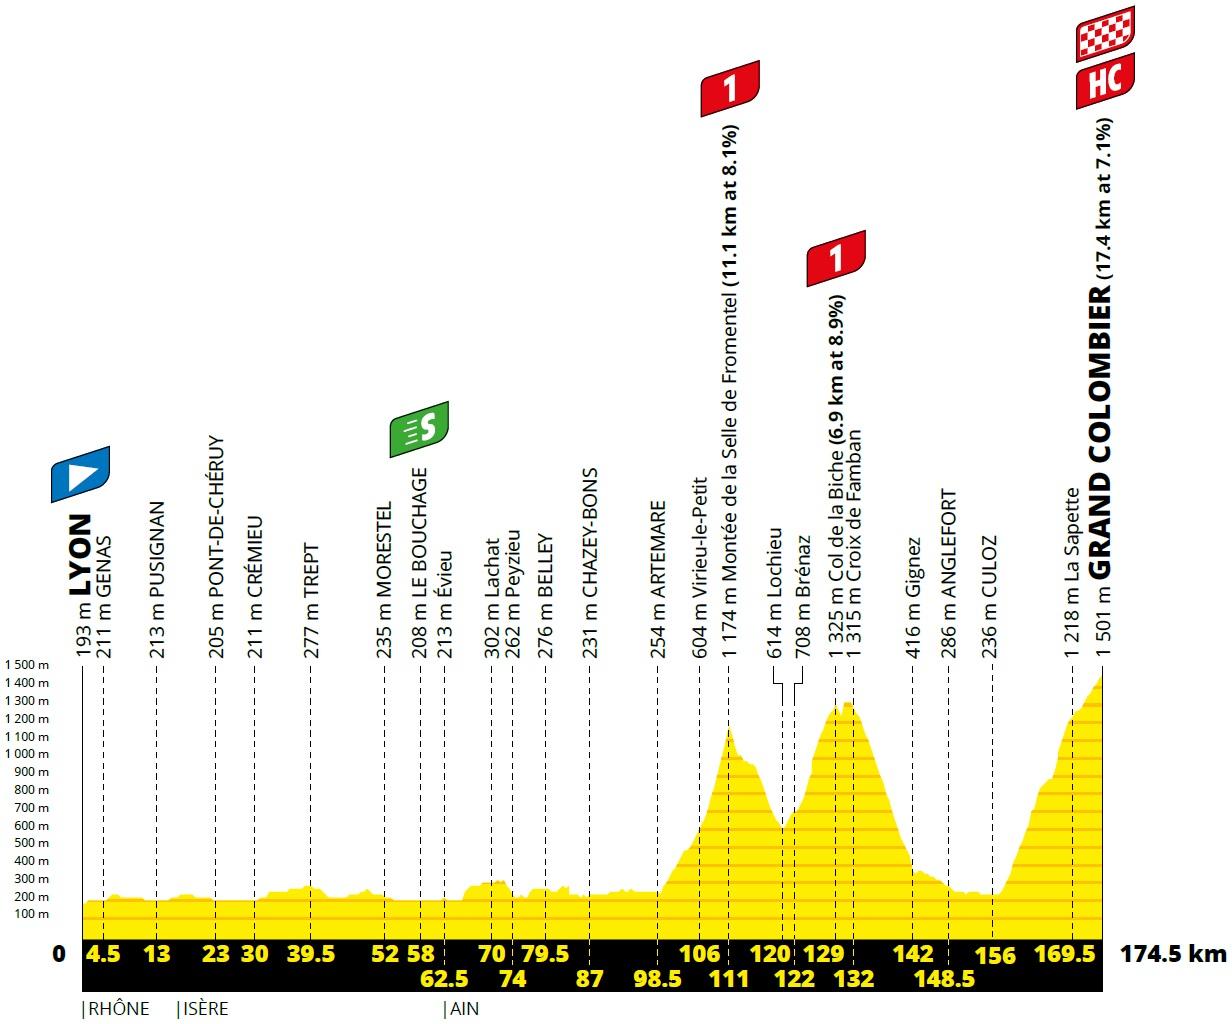 Vorschau & Favoriten Tour de France, Etappe 15